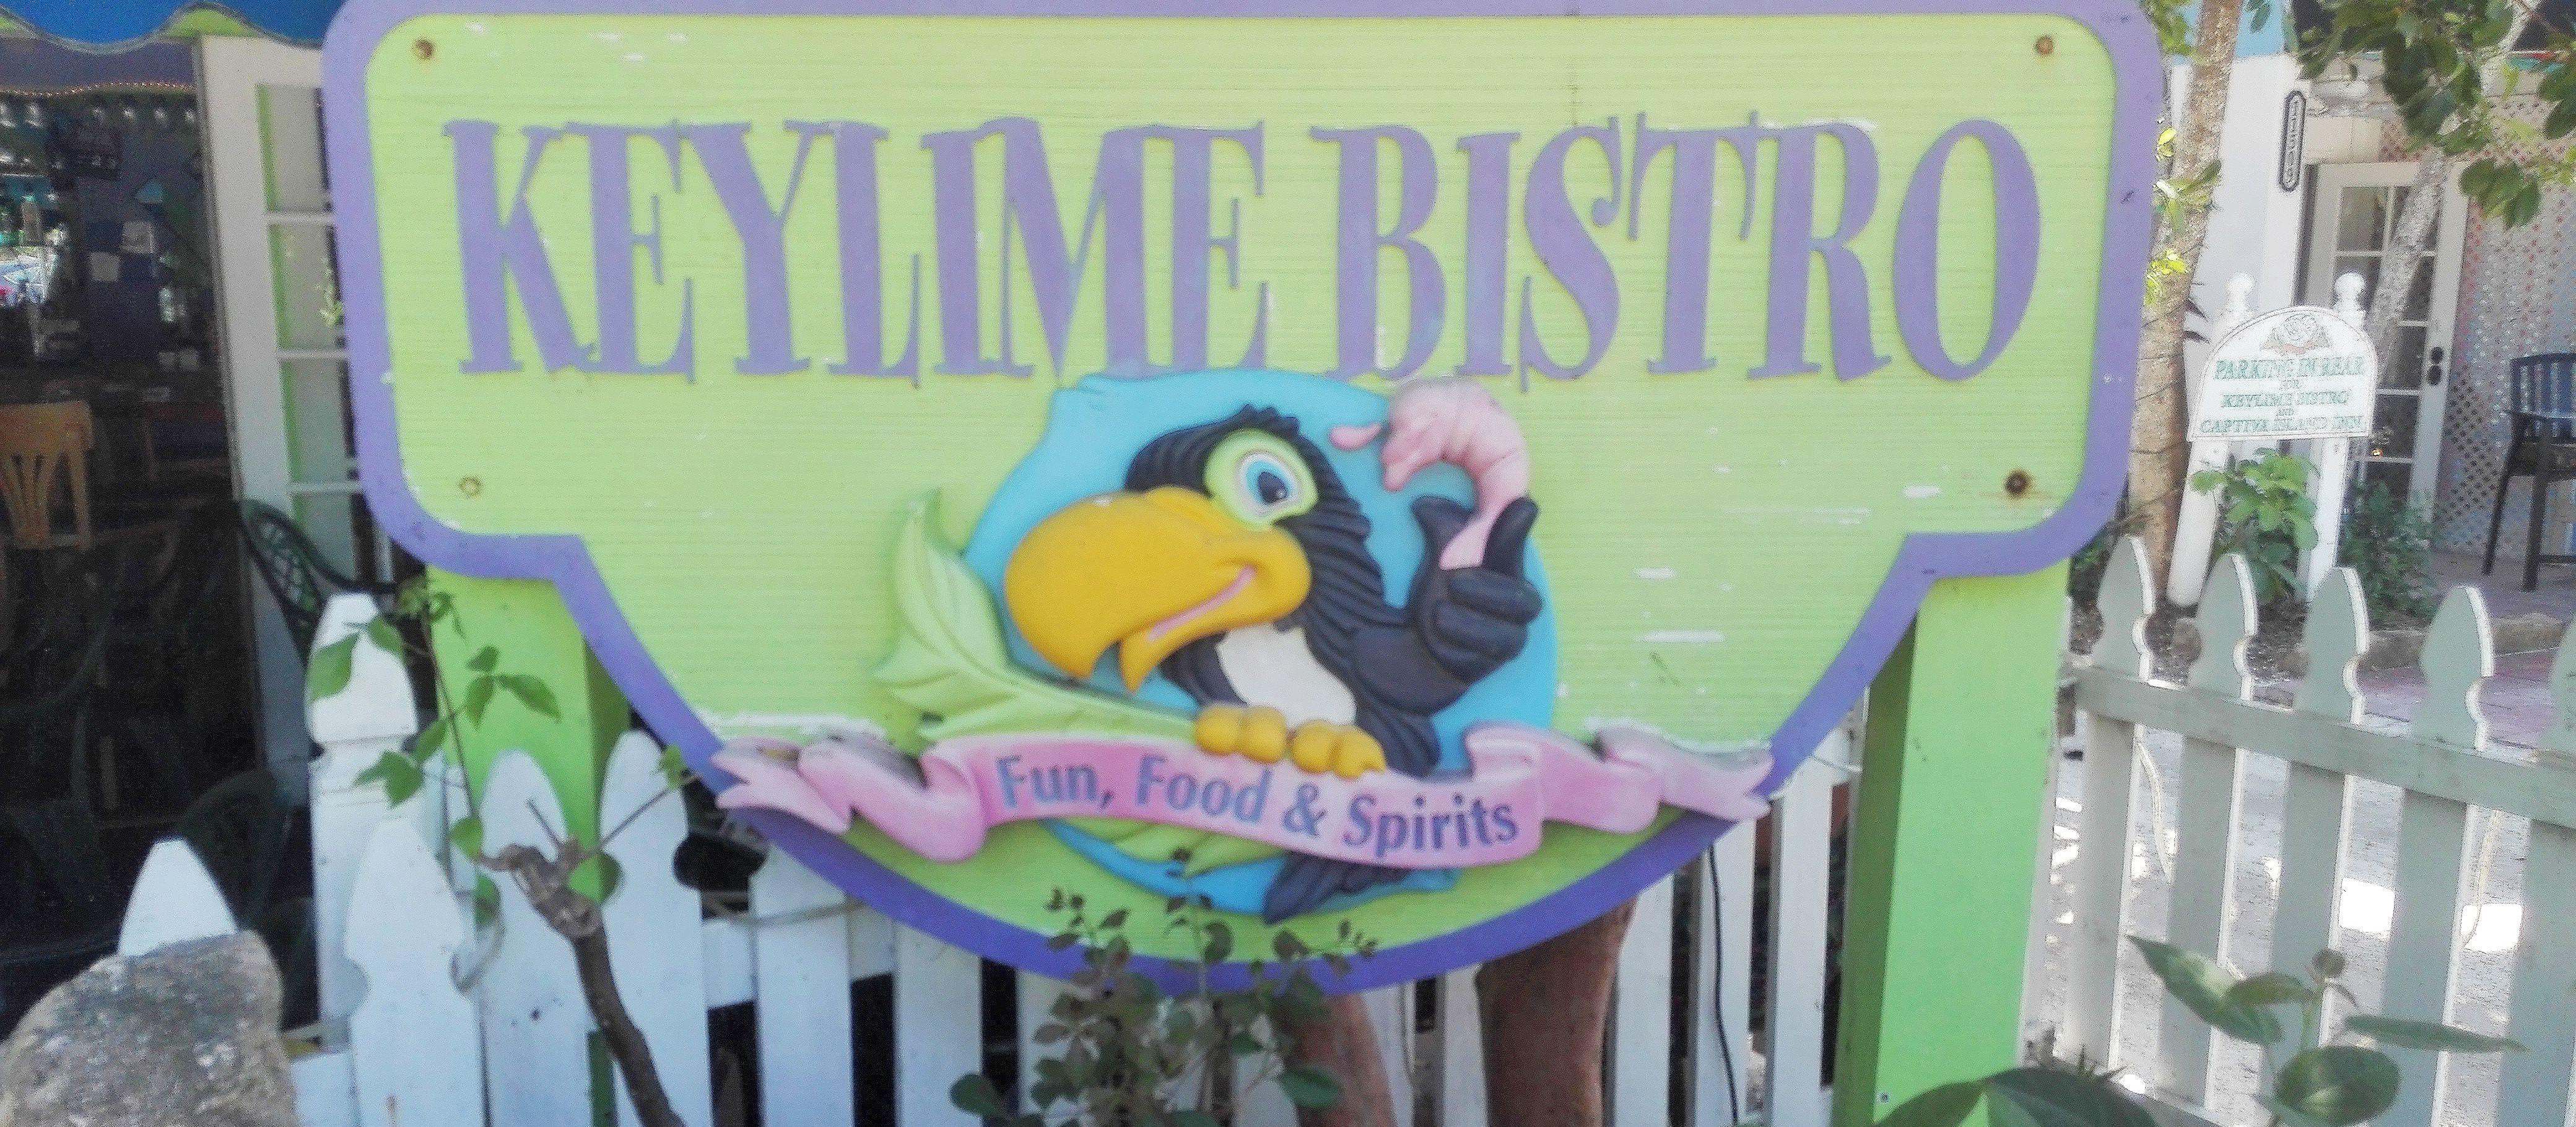 Key Lime Bistro auf Captiva Island